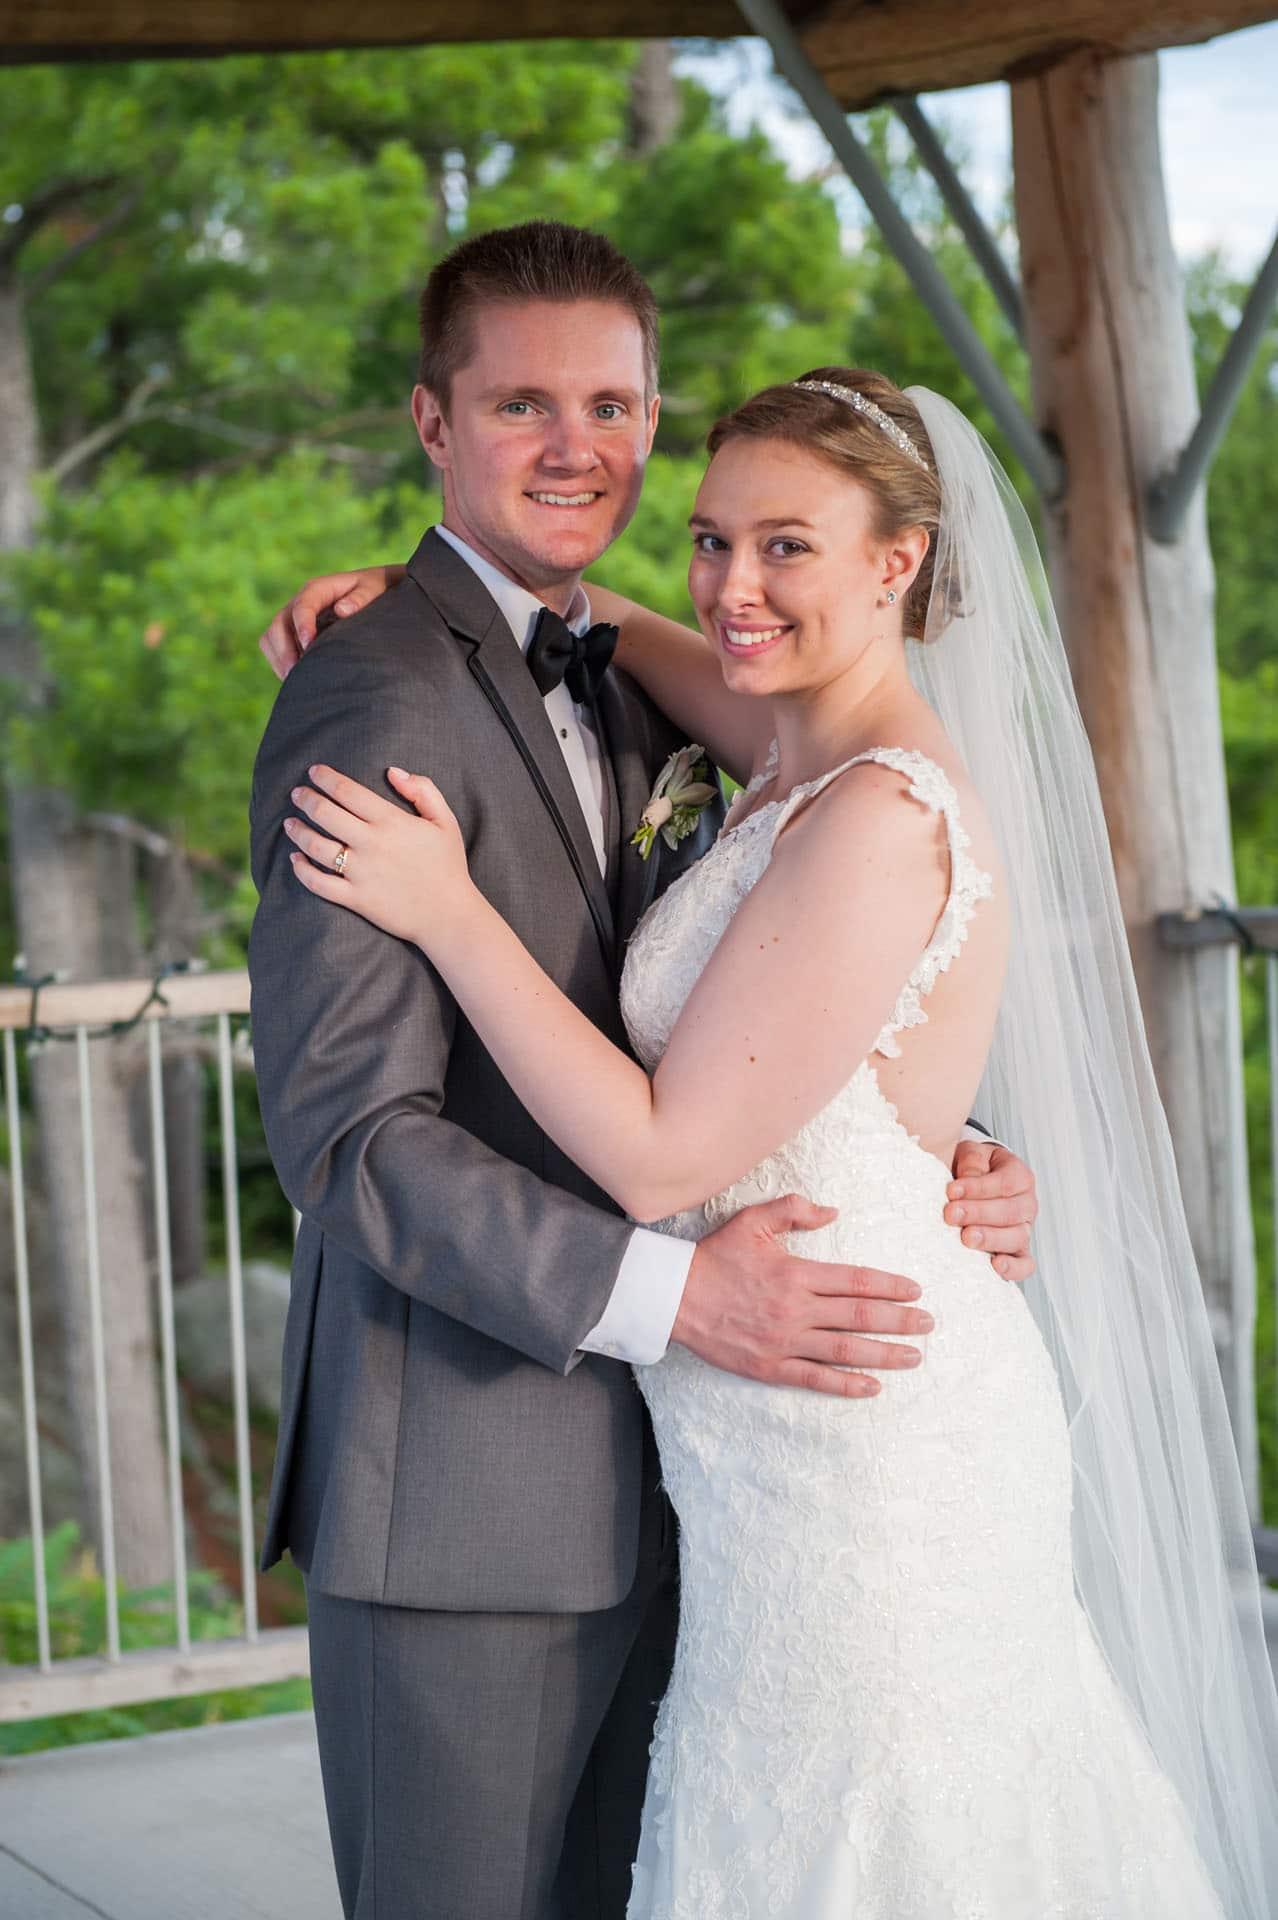 Kelly-&-Scott's-Wedding-Day-194ps